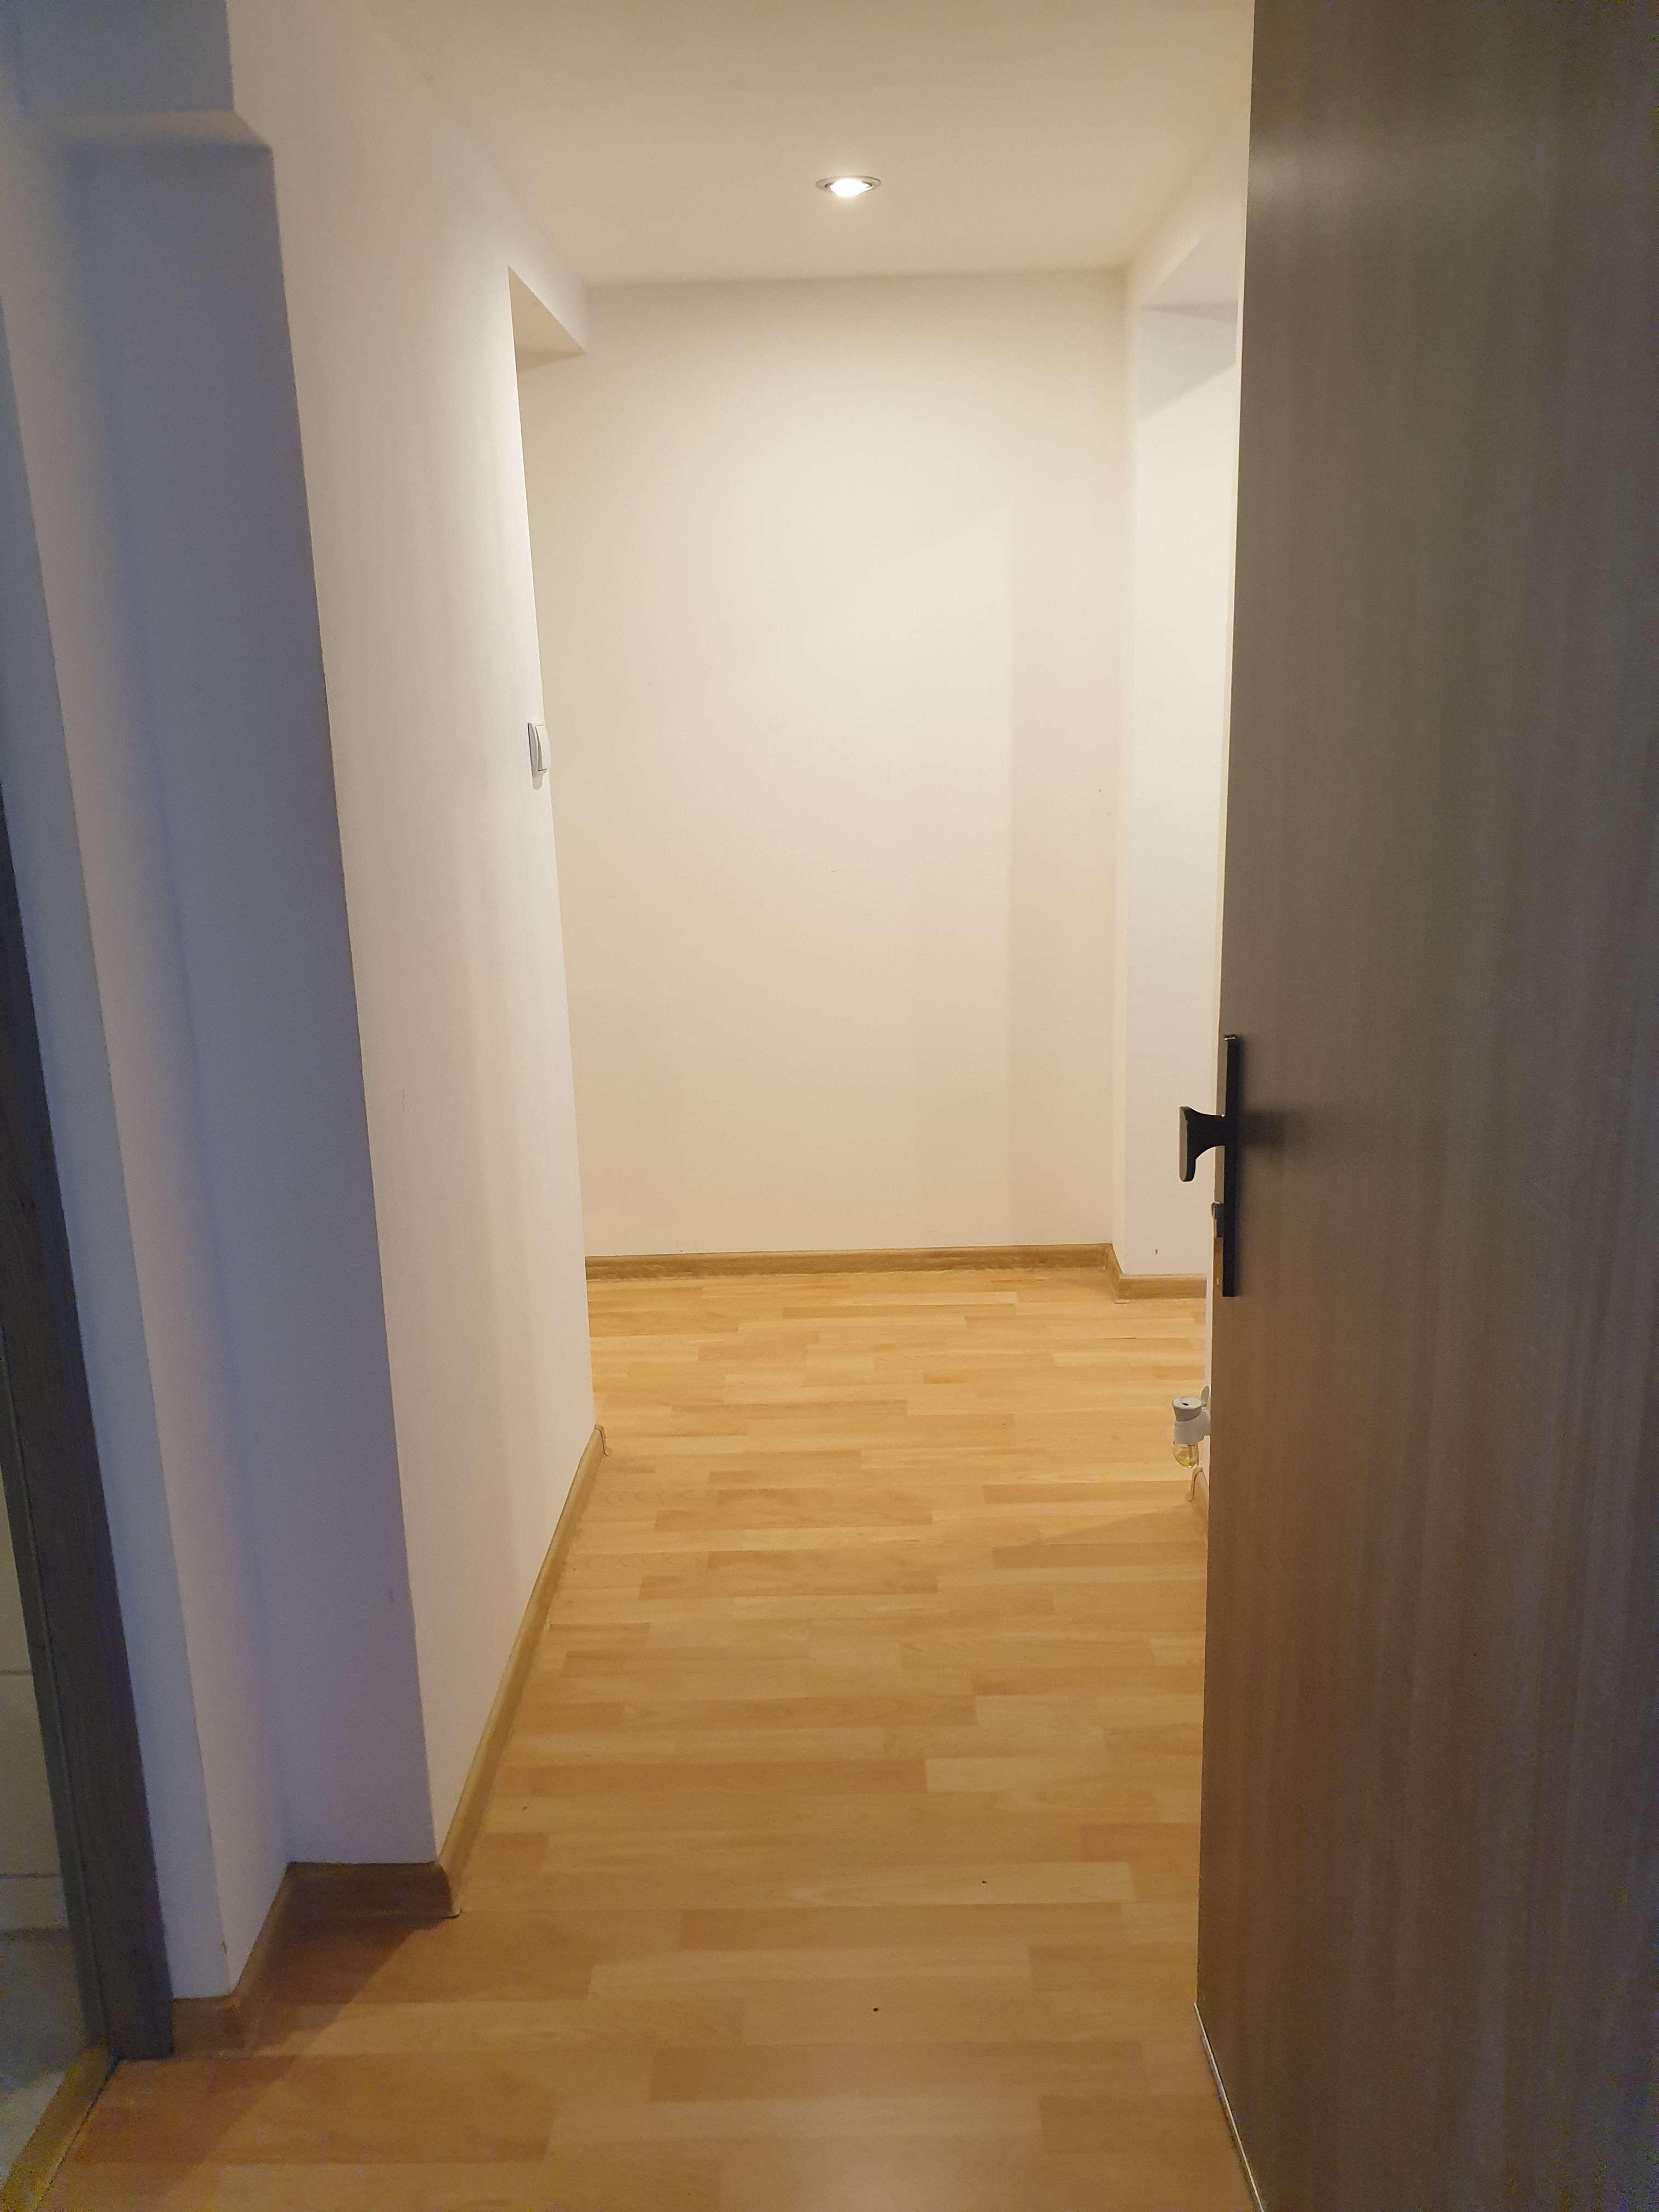 Erschwingliche Souterrain 2-Raum-Wohnung zur Miete in Grafing bei München in